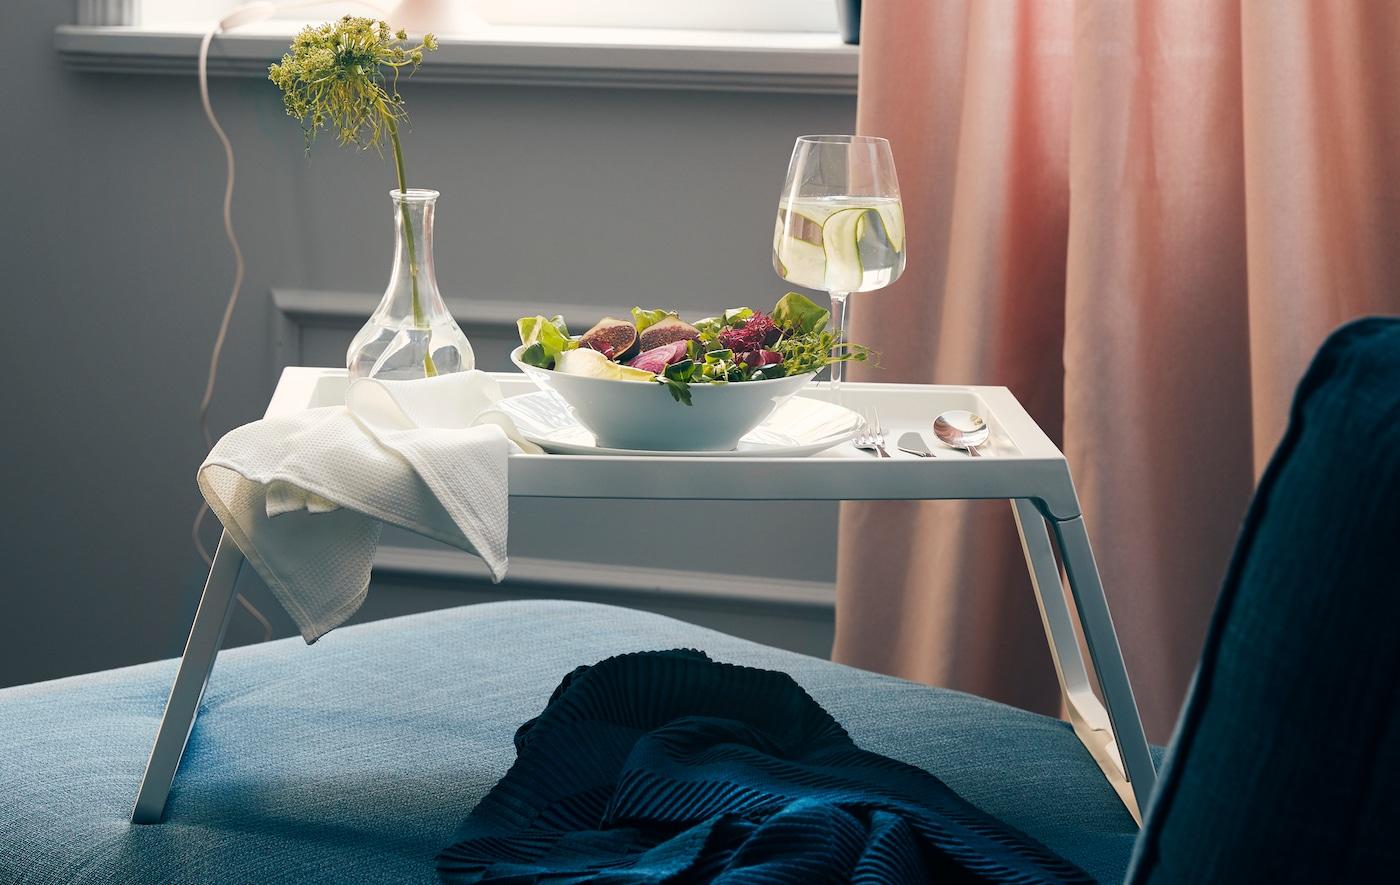 IKEA KLIPSK oherako erretilua sofa baten gainean entsalada-kaiku batekin, edalontzi batekin, ezpainzapi batekin eta lore bat duen pitxer batekin.